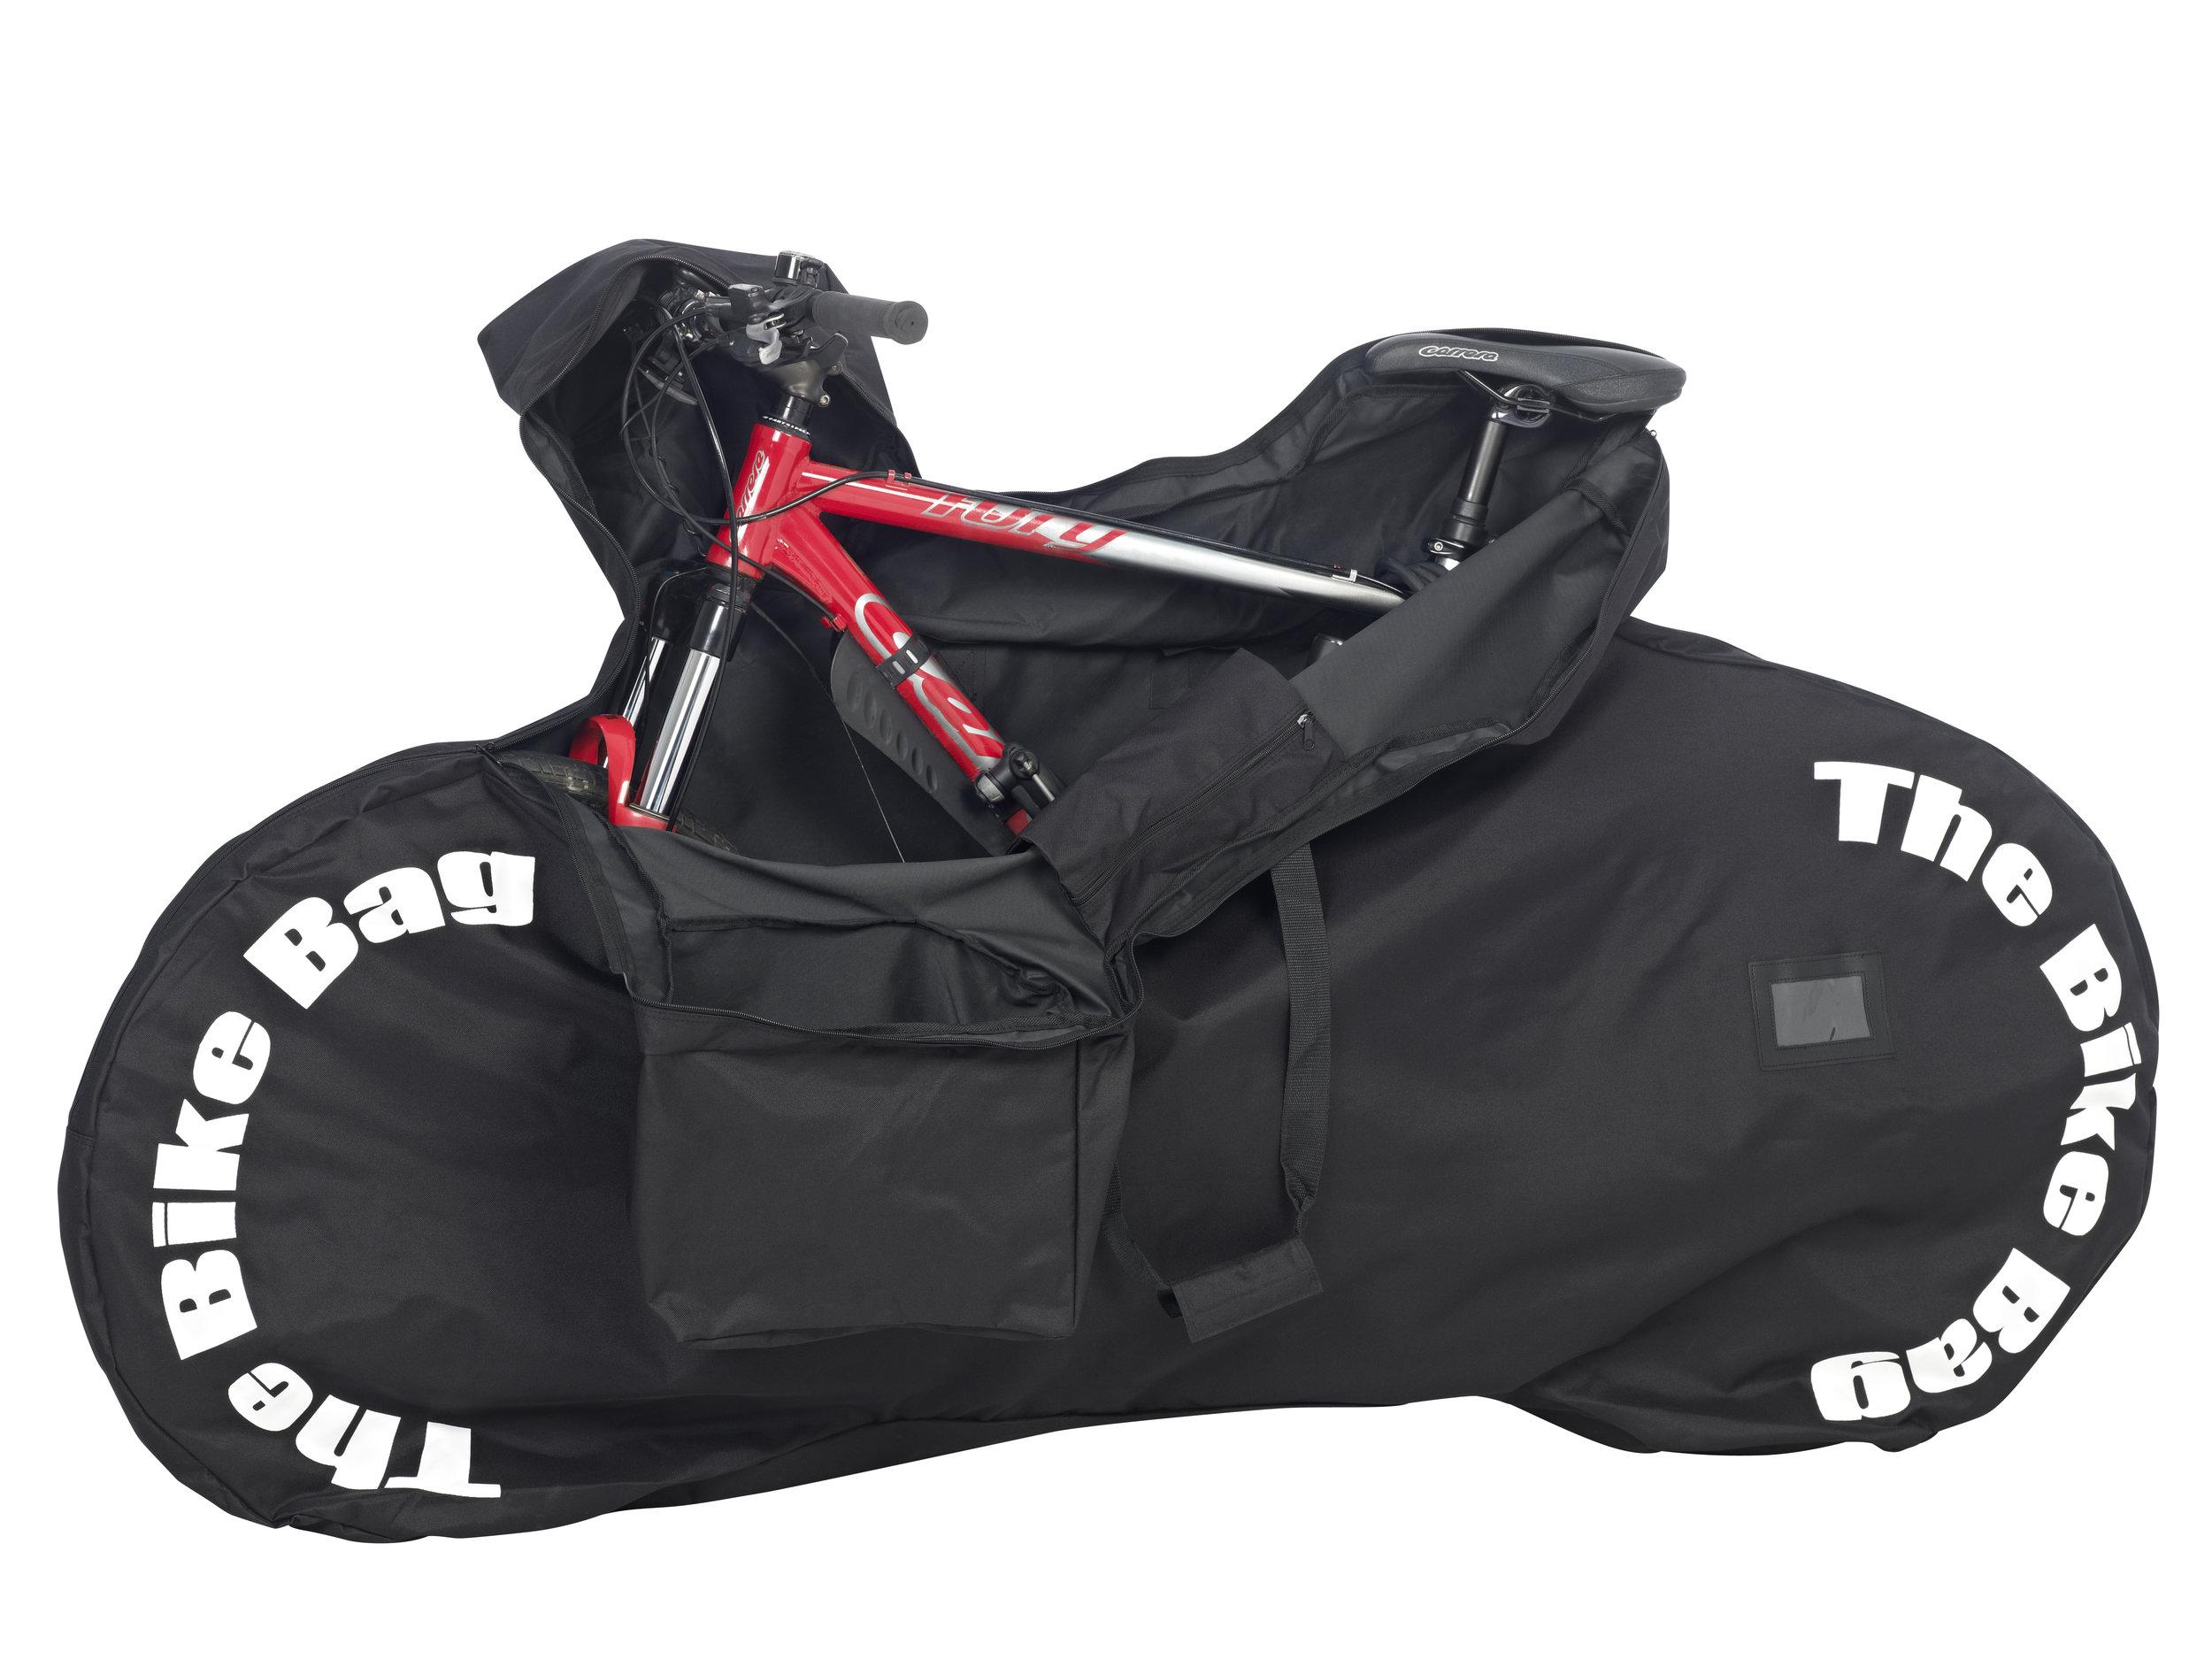 Standard Non-Padded Black Bike Bag